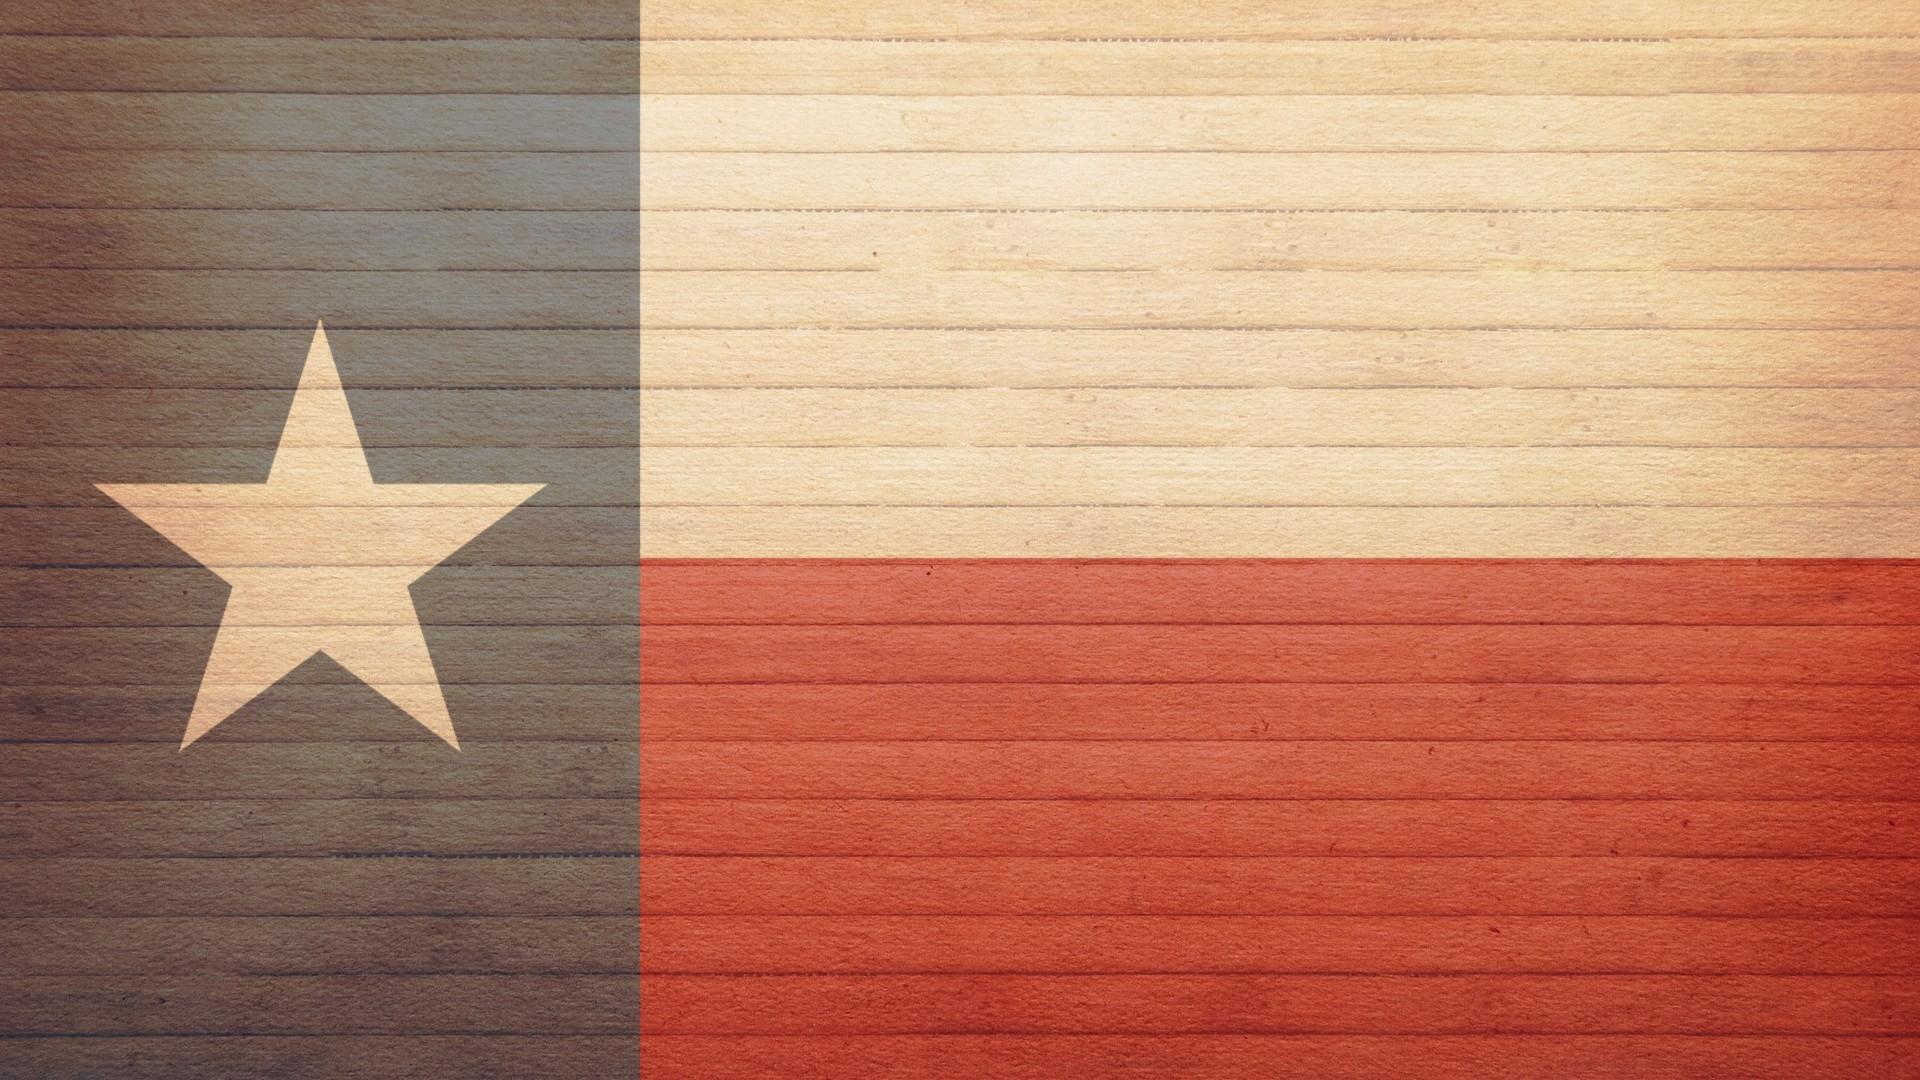 … Texas Flag – Wallpaper [1920 x 1080] by uda4754